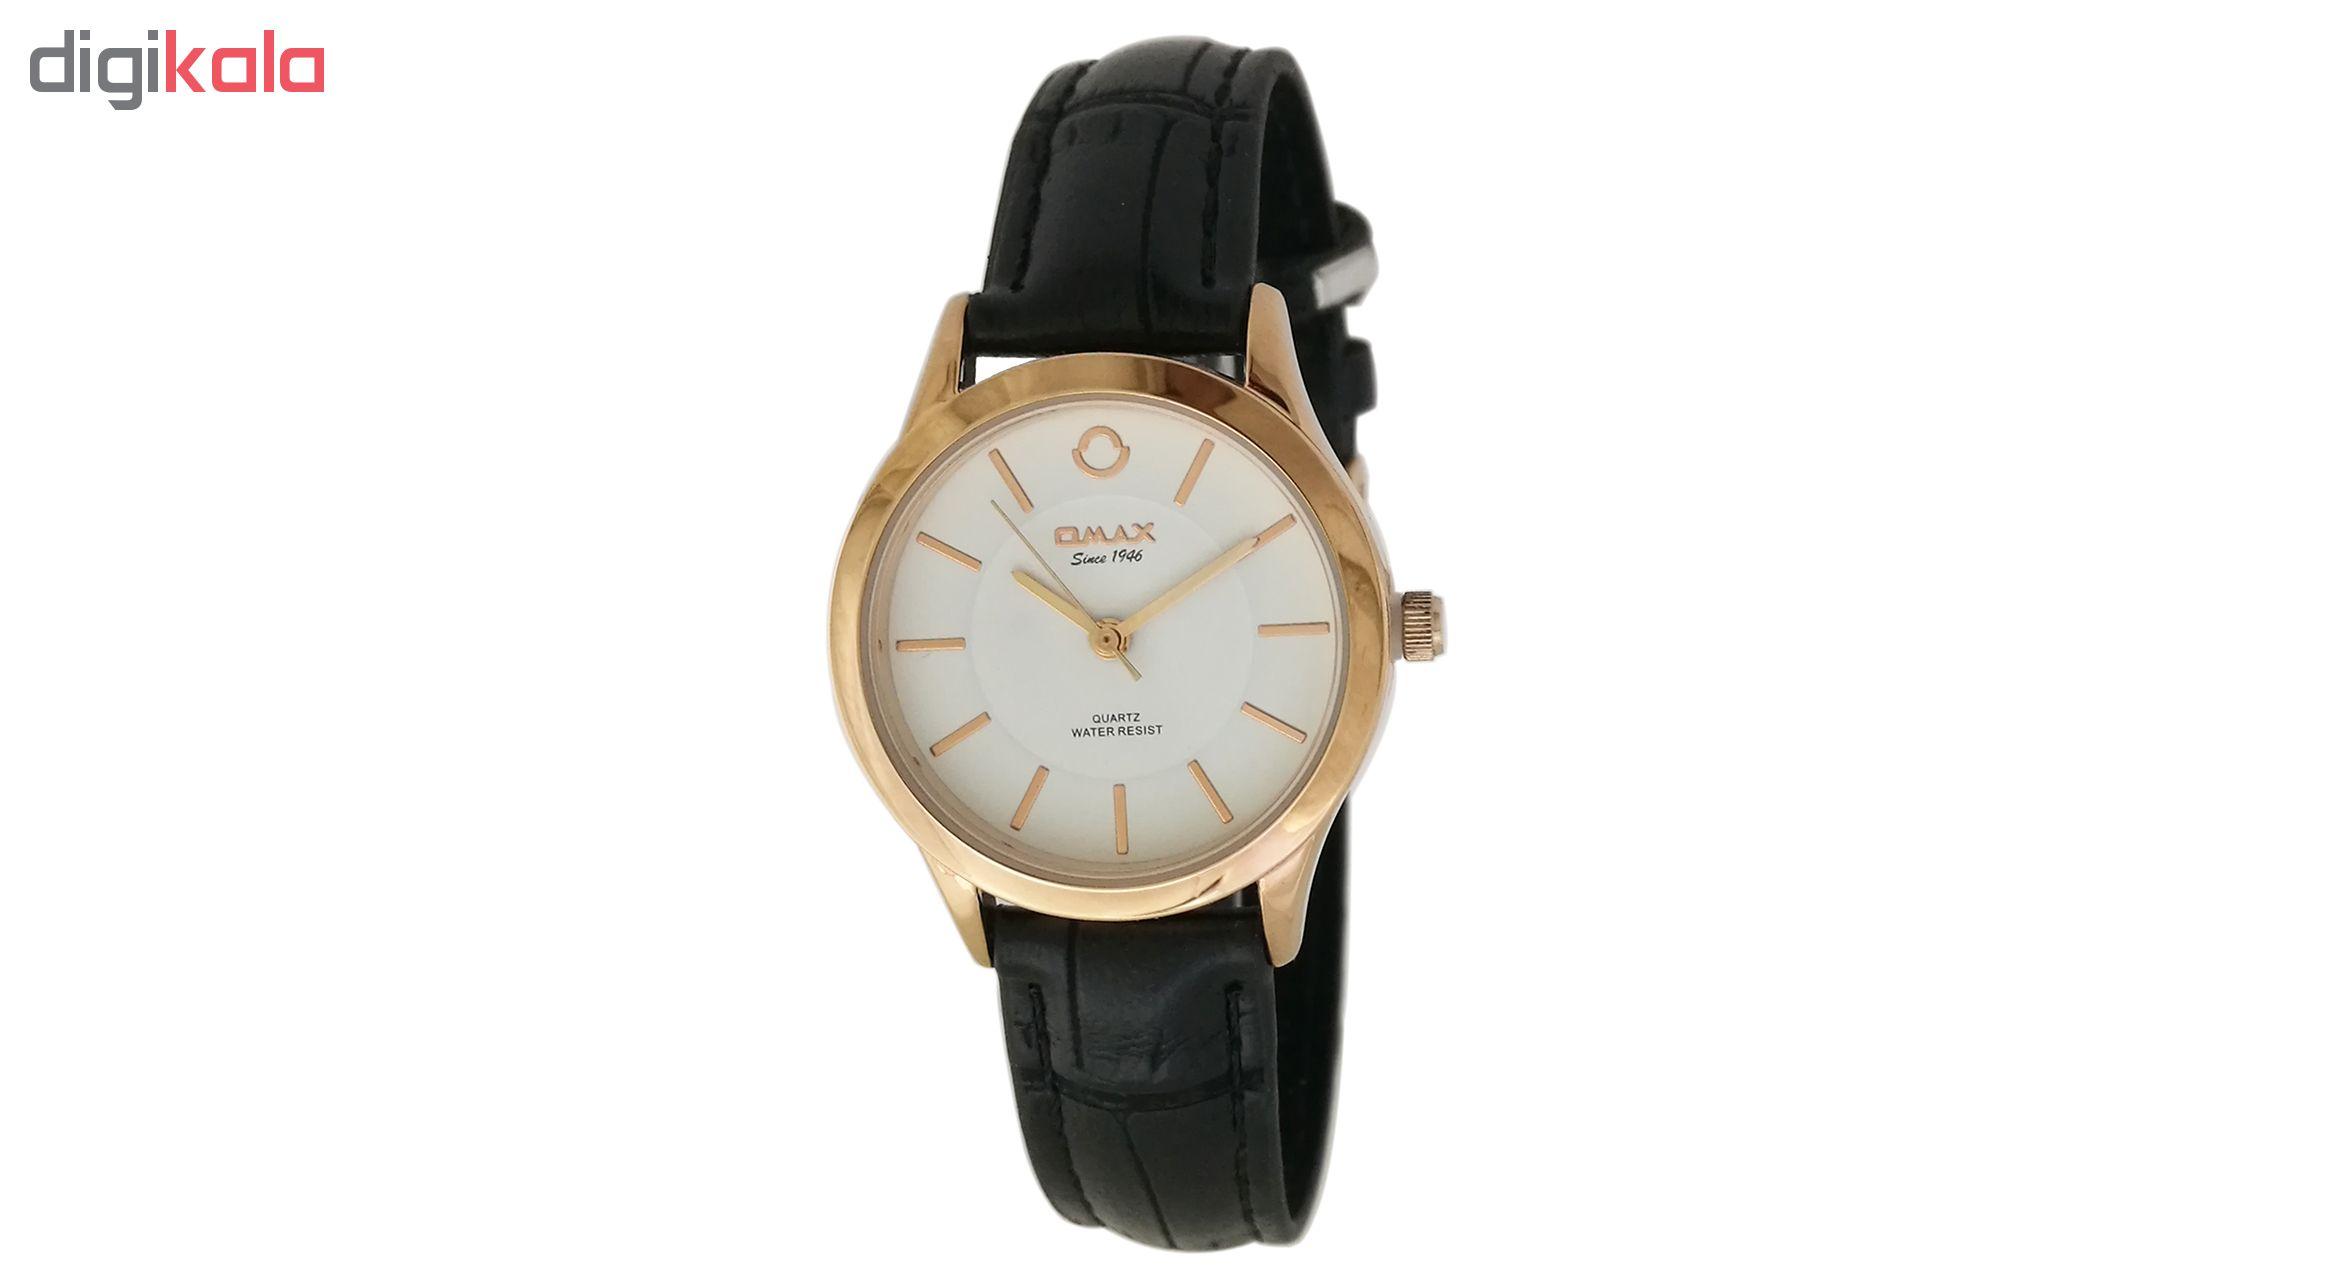 ساعت مچی عقربه ای زنانه اوماکس مدل pr00066 به همراه دستمال مخصوص برند کلین واچ